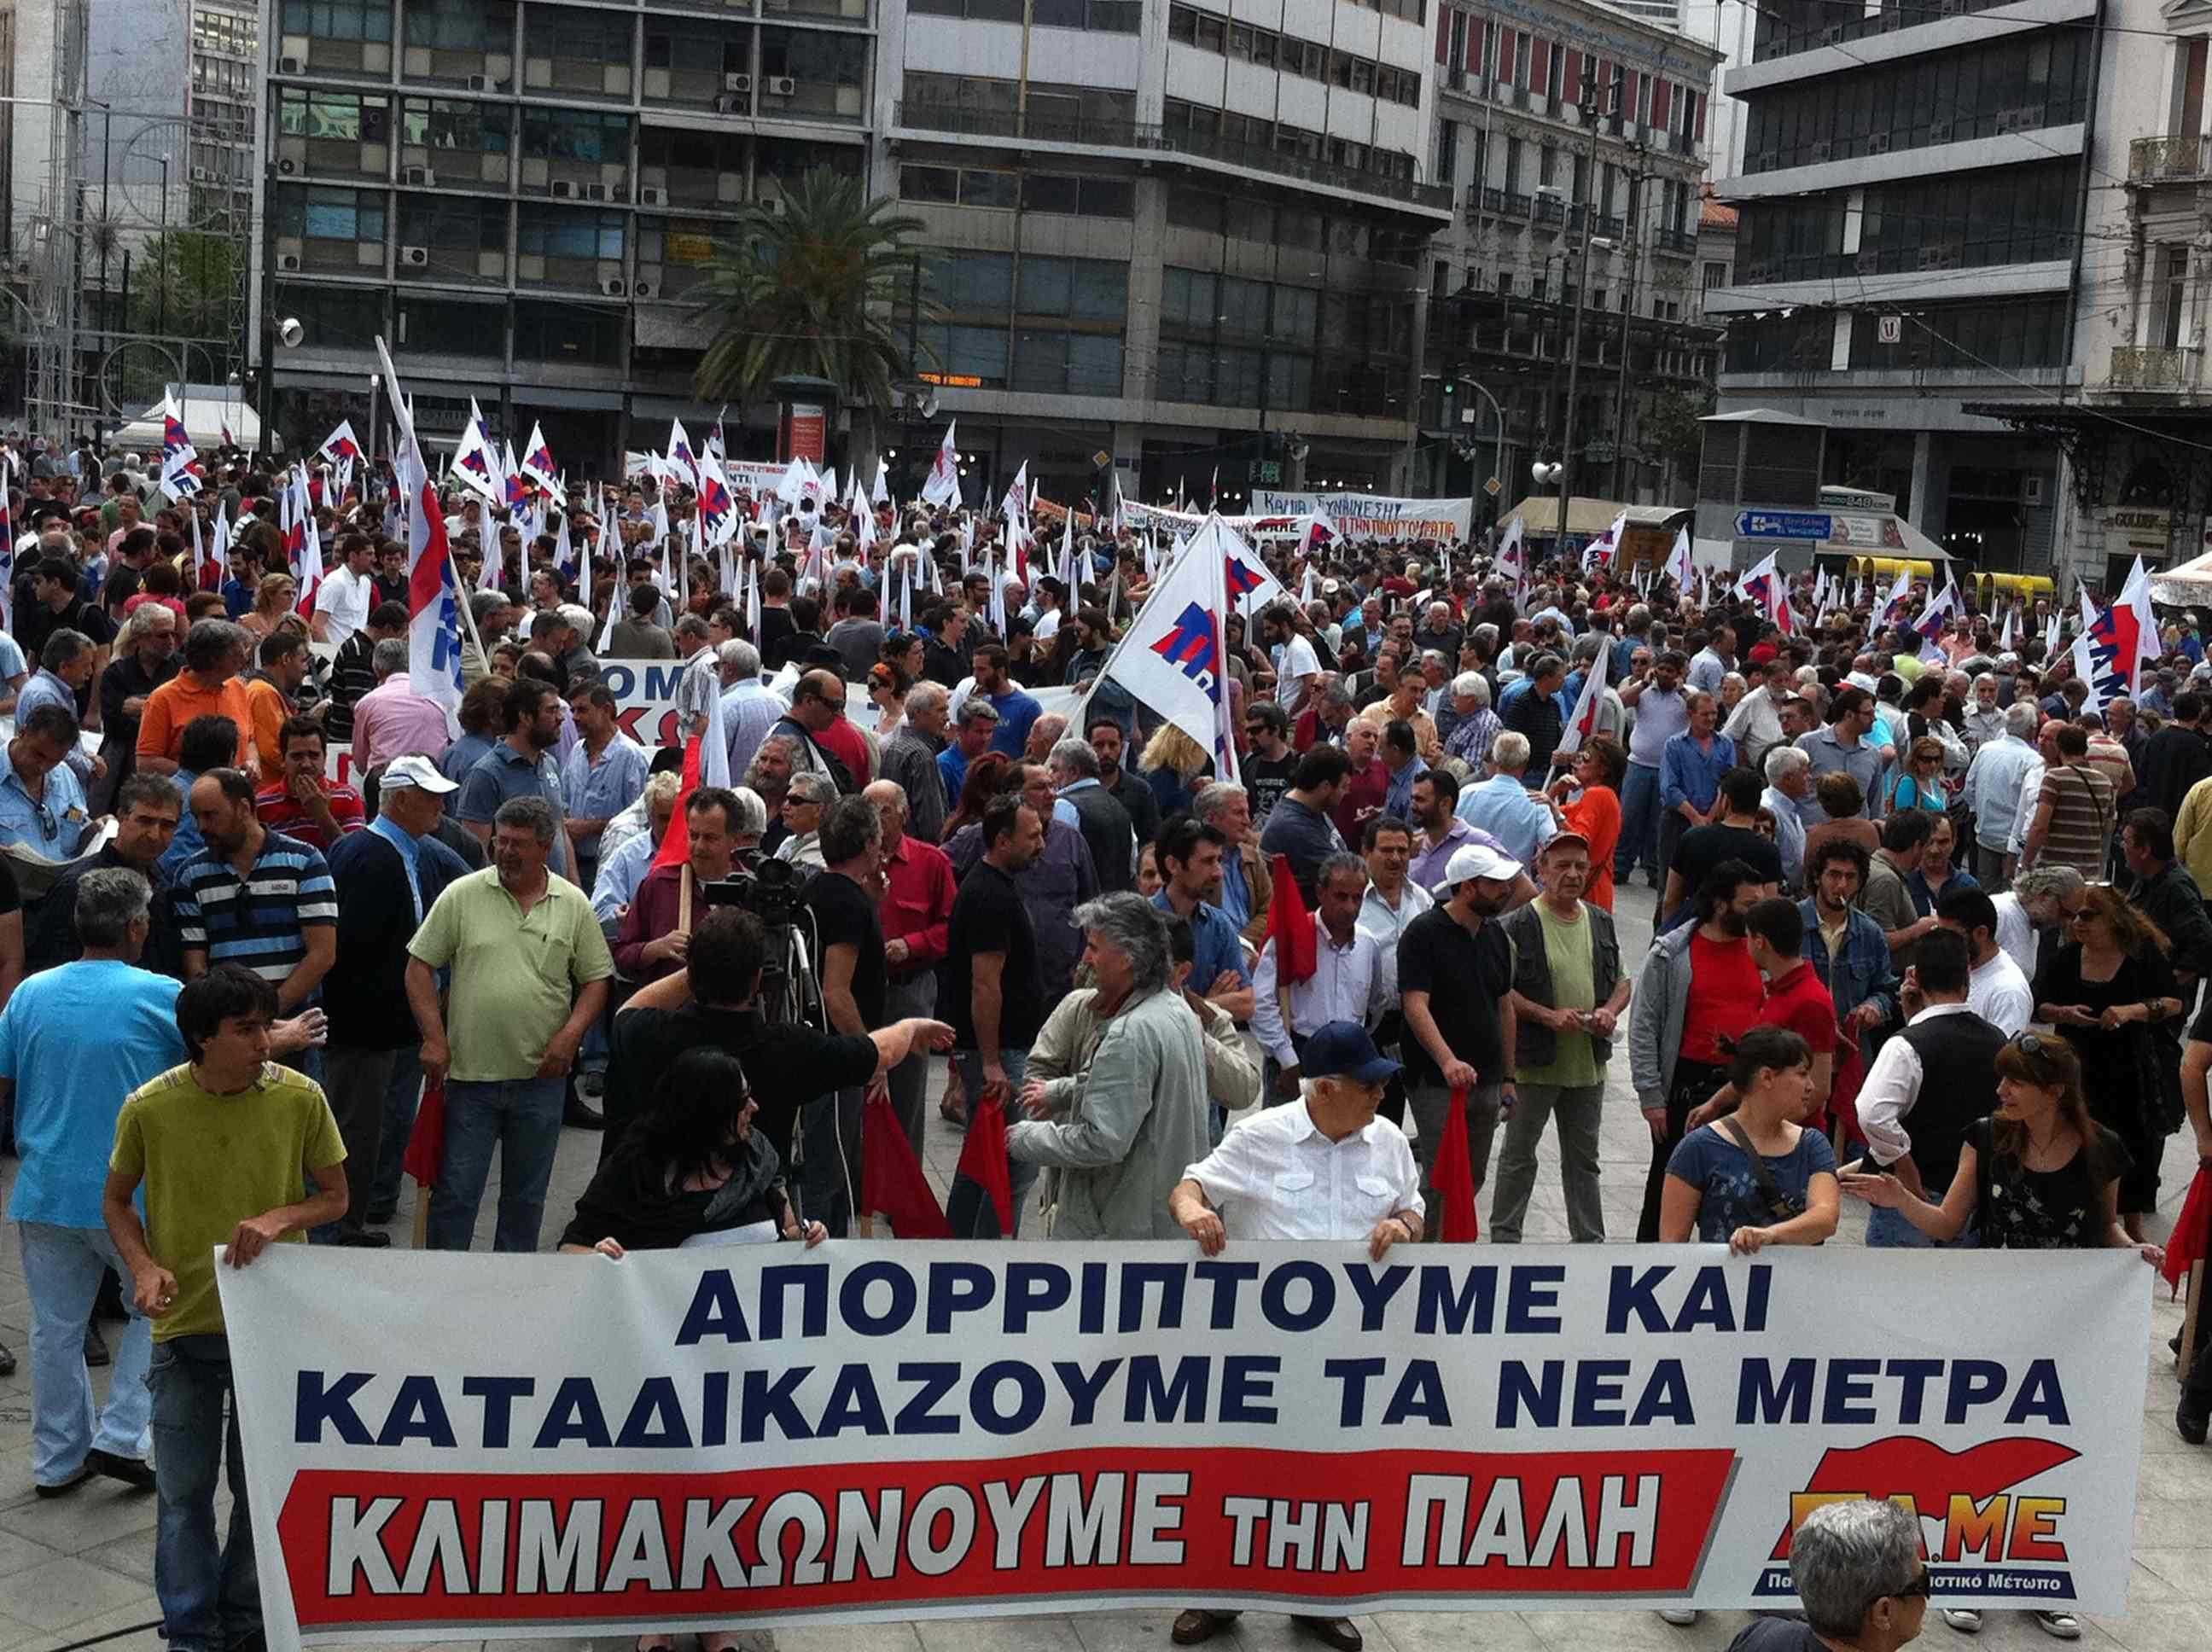 Πάνω από 3.000 διαδηλώνουν τώρα κατά των μέτρων